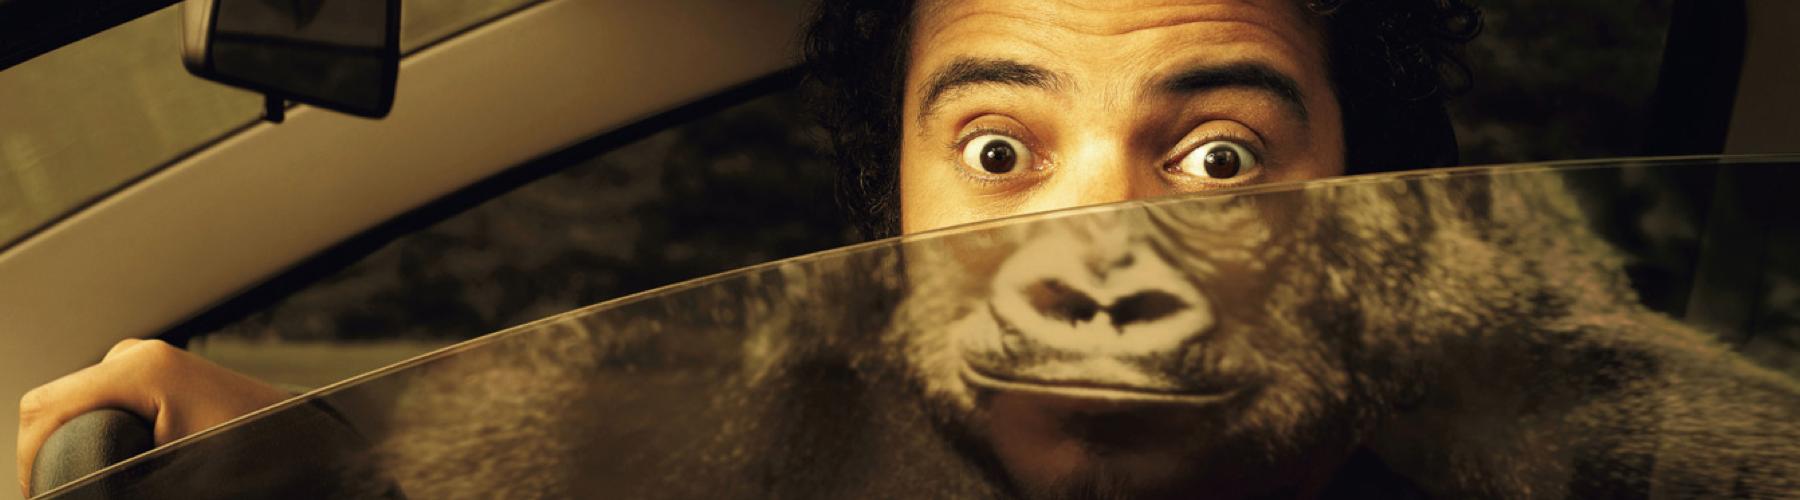 5 Campañas de Marketing Efectivas Utilizando Pegatinas